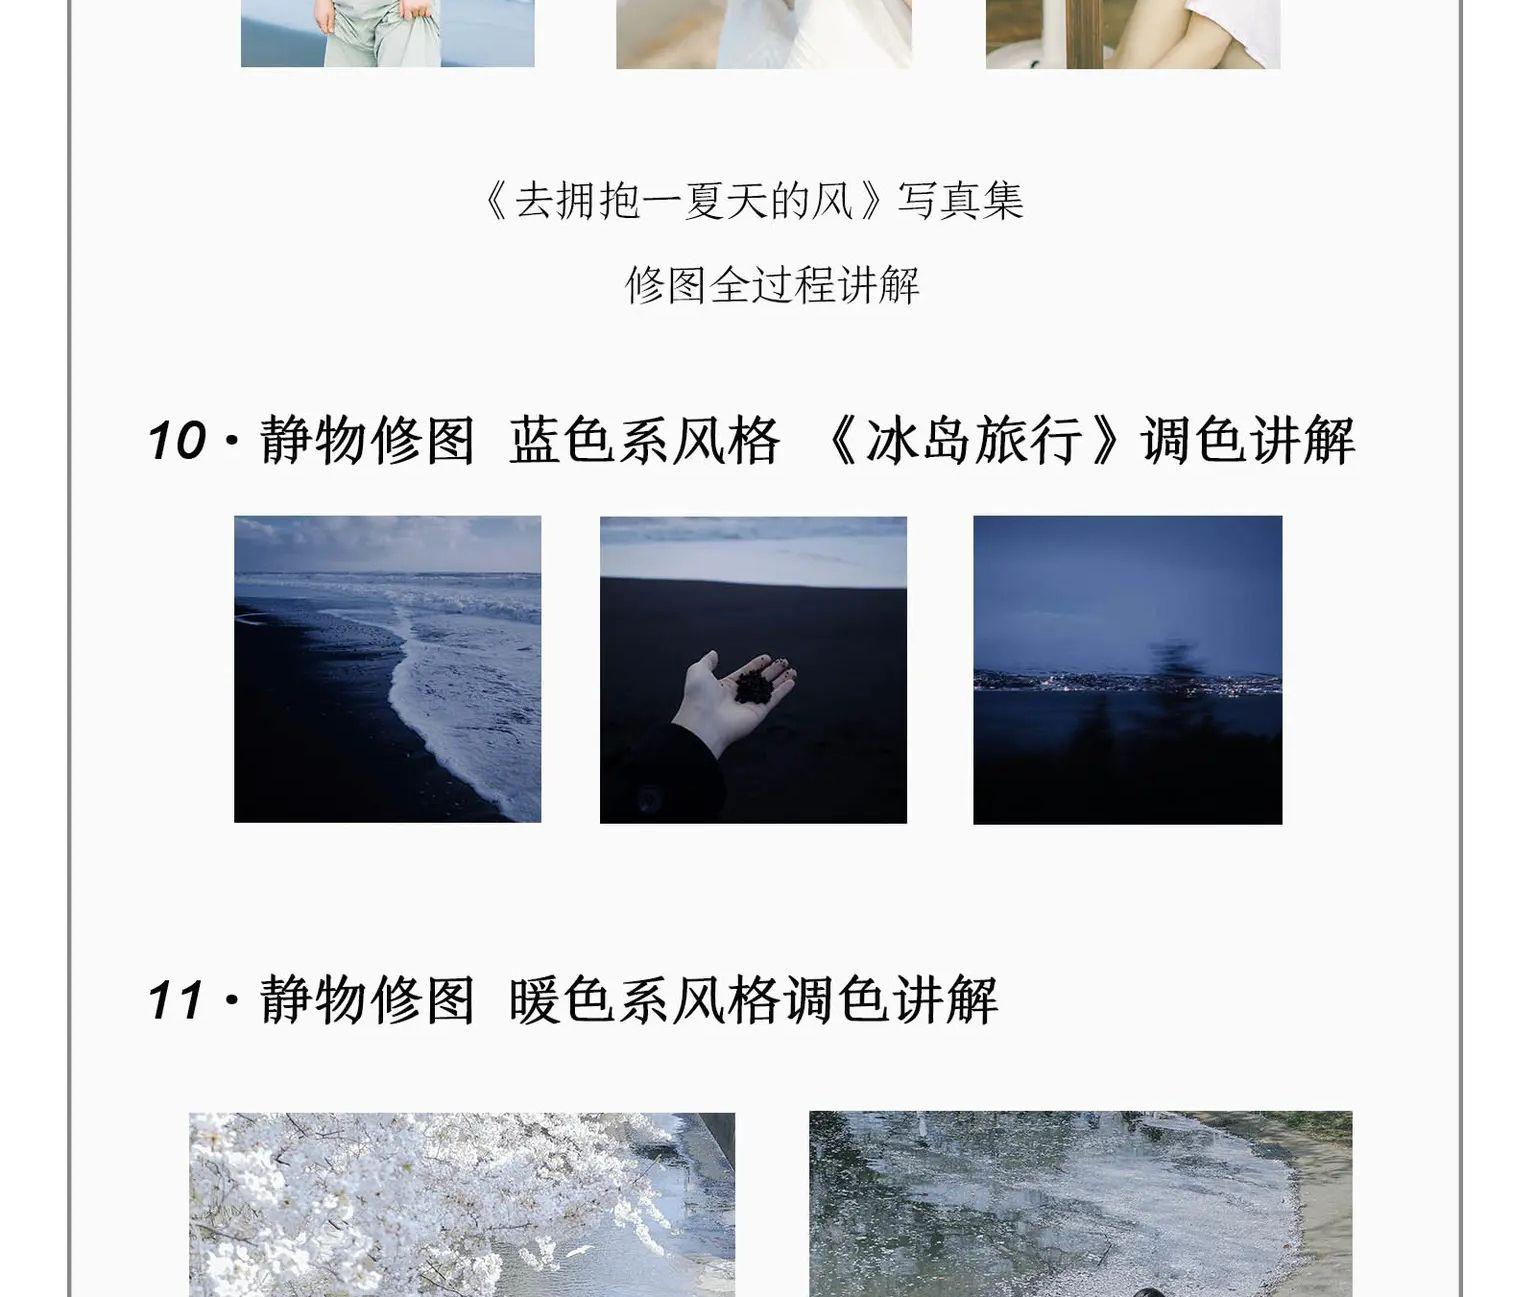 摄影教程-95后摄影师陈宇学长摄影课堂第9期静物人像前后期教程(7)